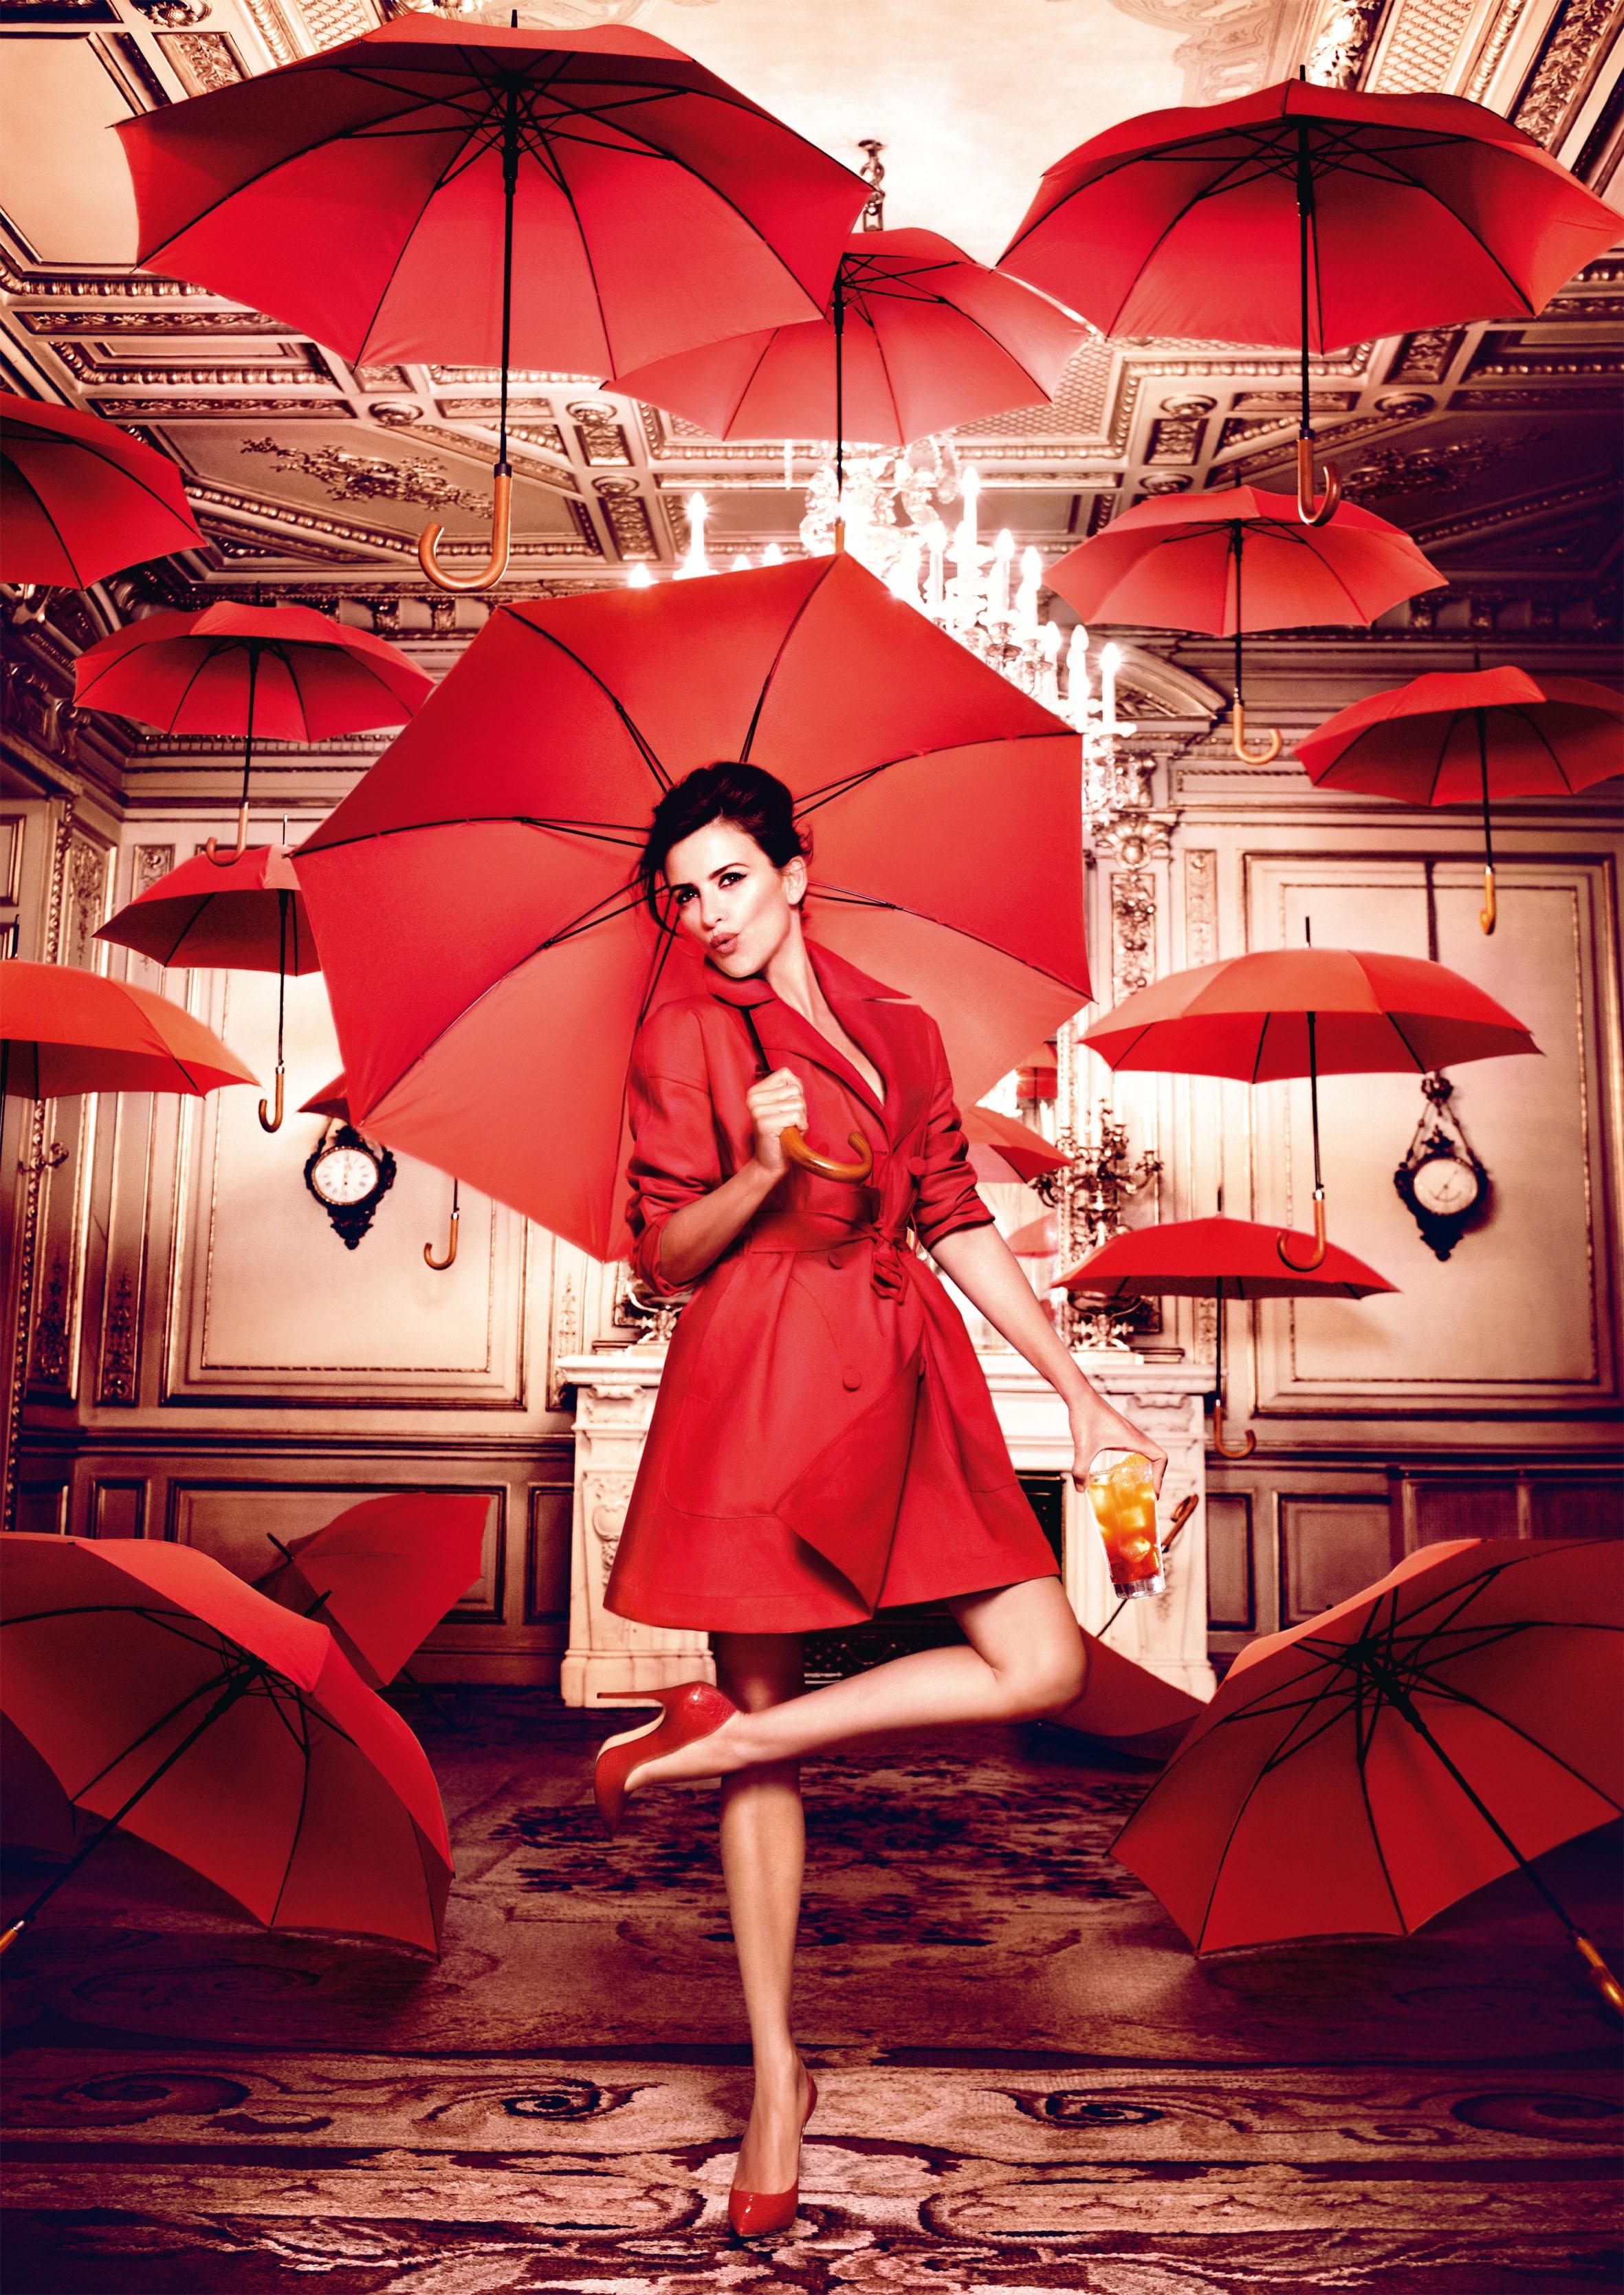 фотографии с красным зонтиком скучновато одному прямо